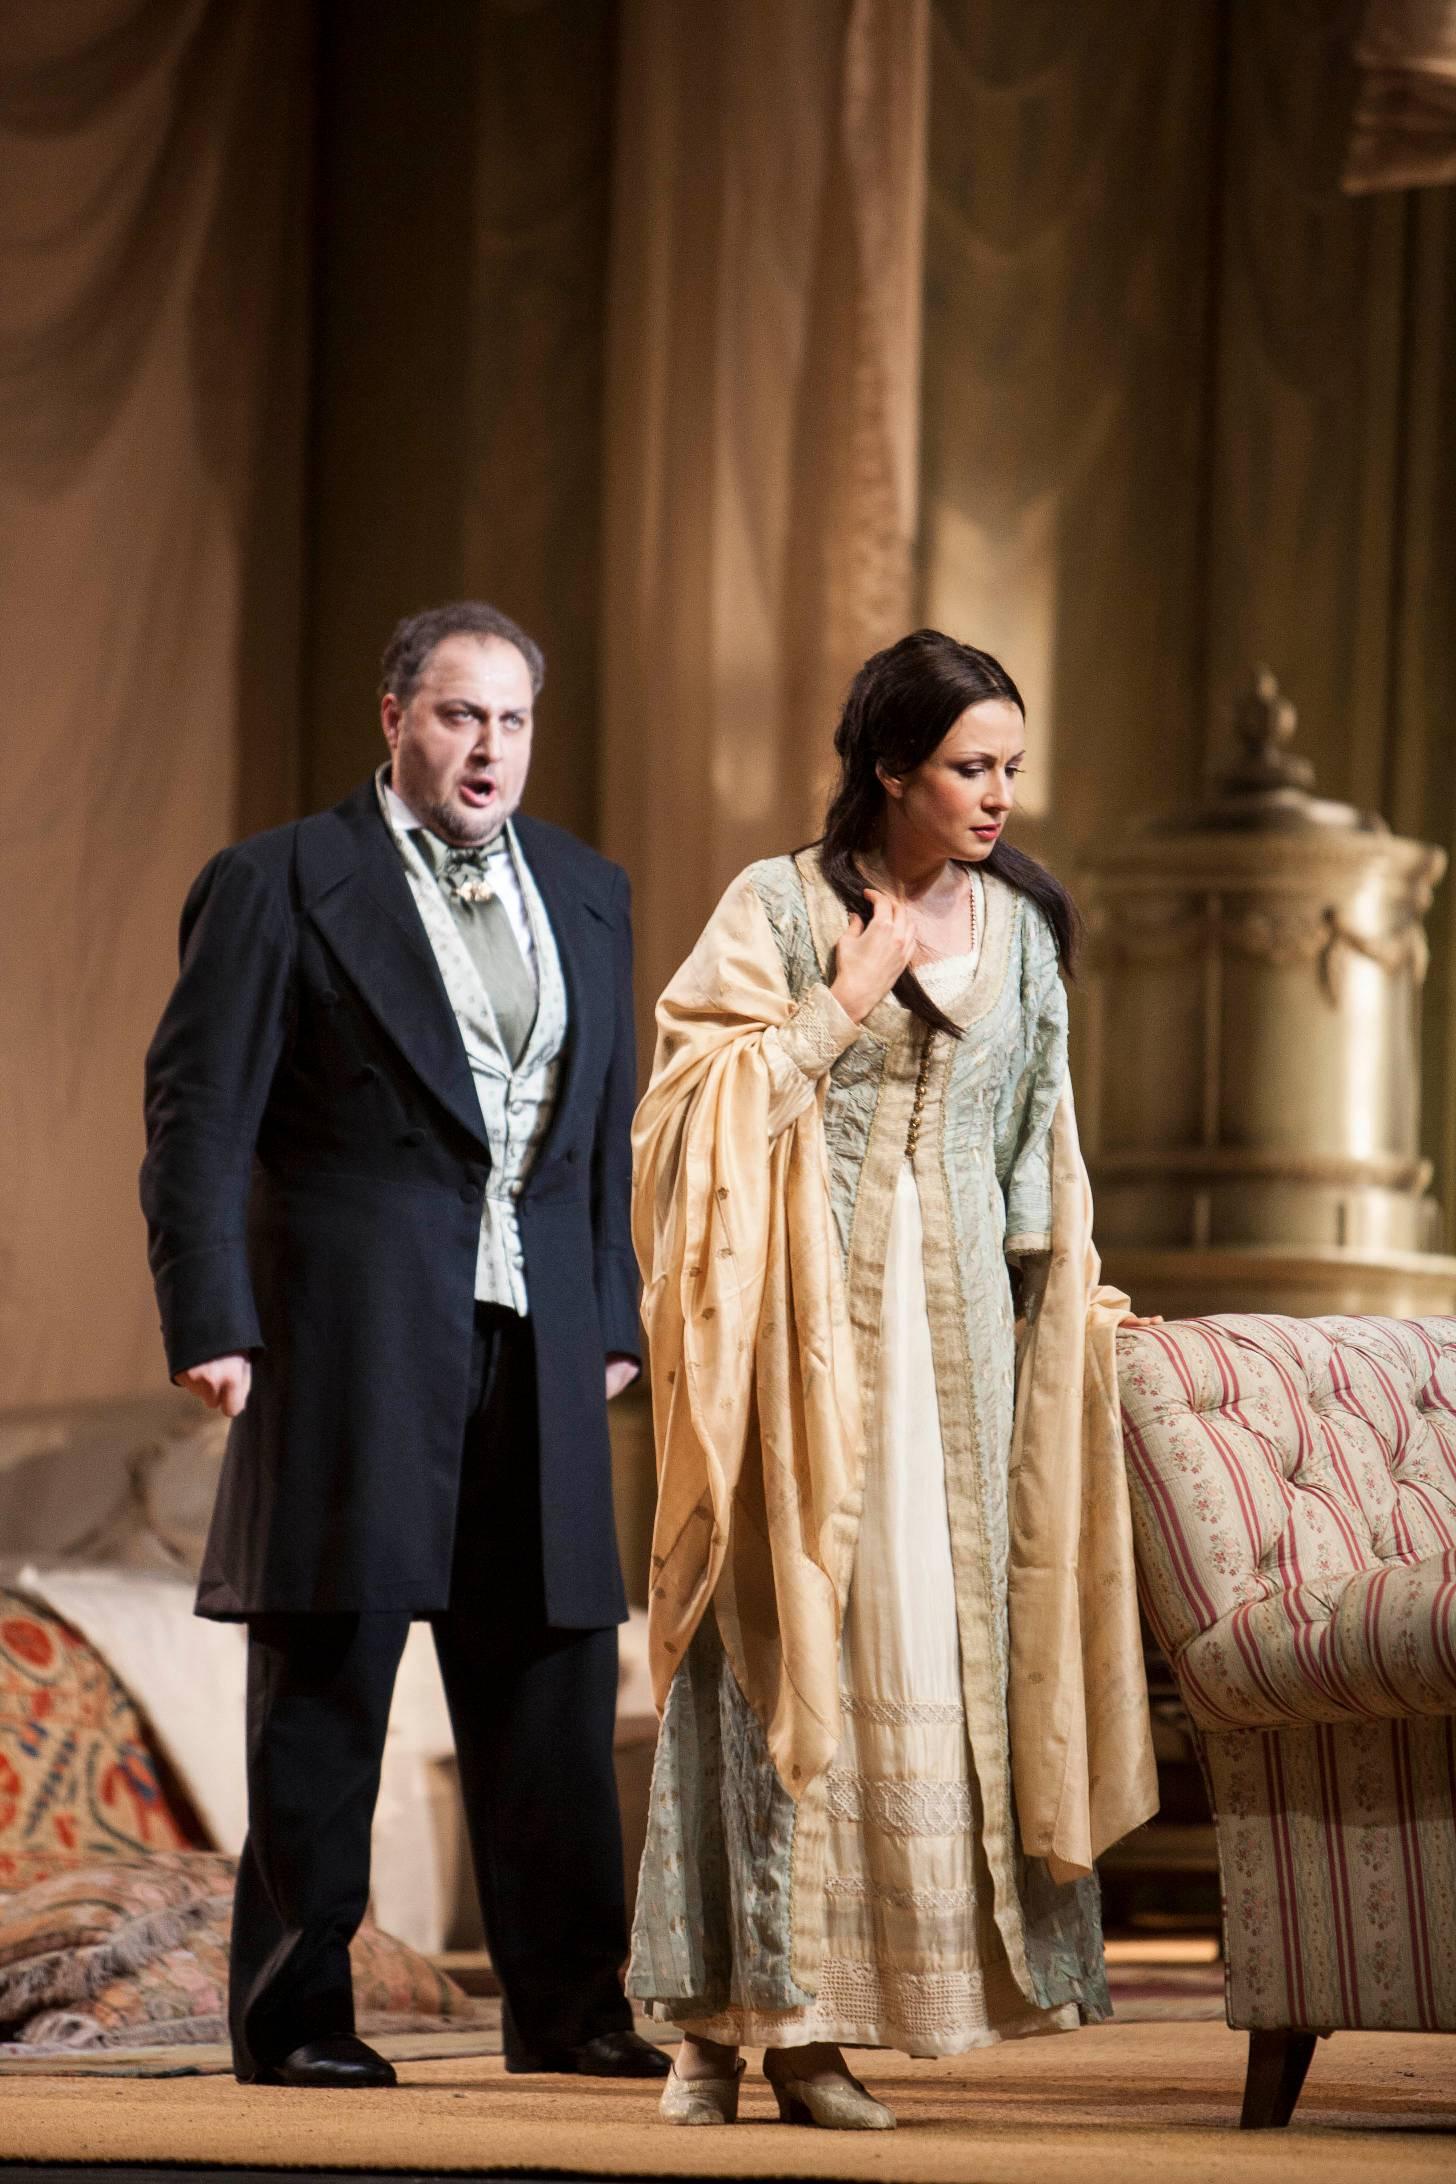 Germont alla Scala 2007 con Irina Lungu nei panni di Violetta, credit Marco Barcia / Teatro alla Scala